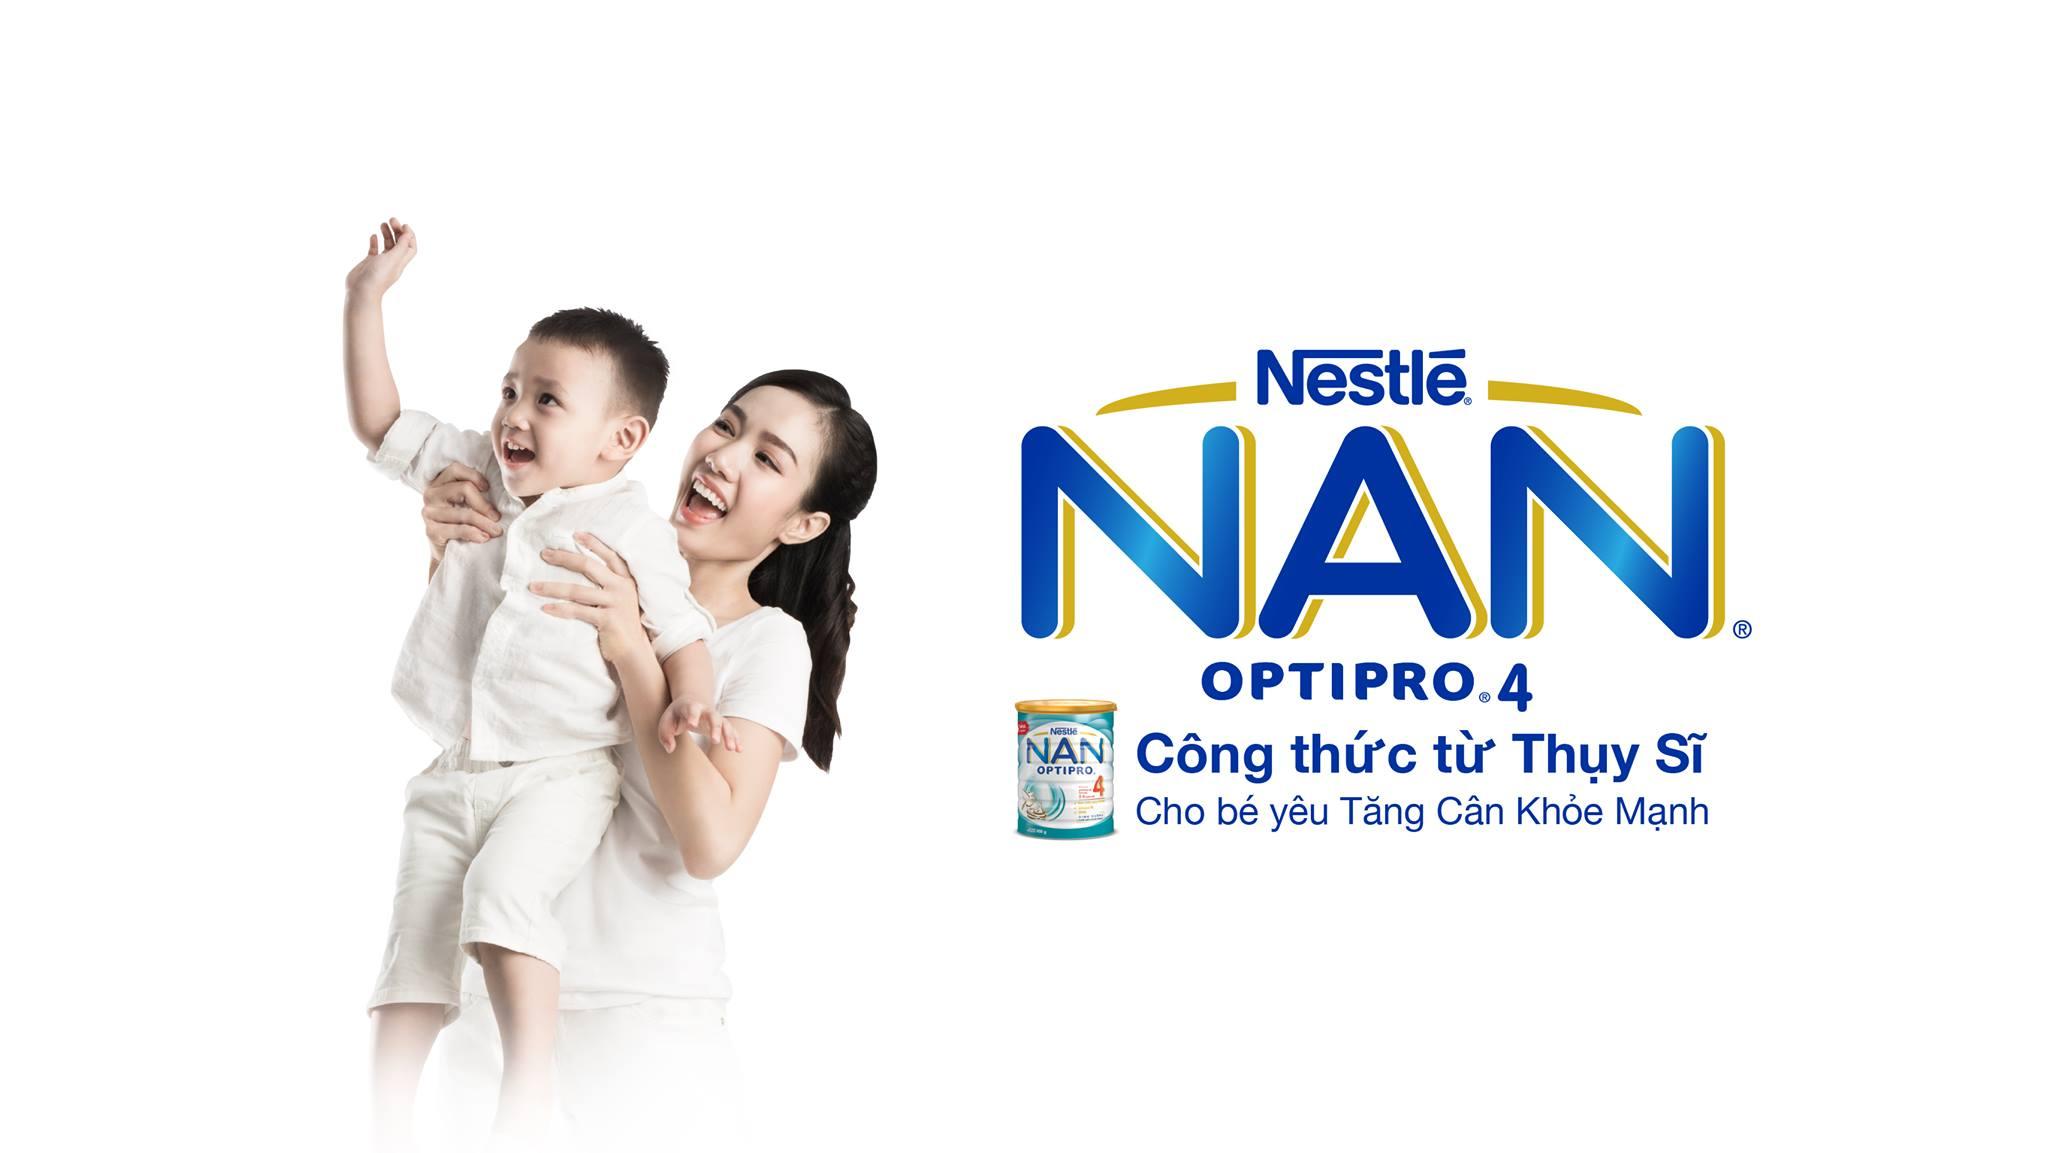 Nestle NAN